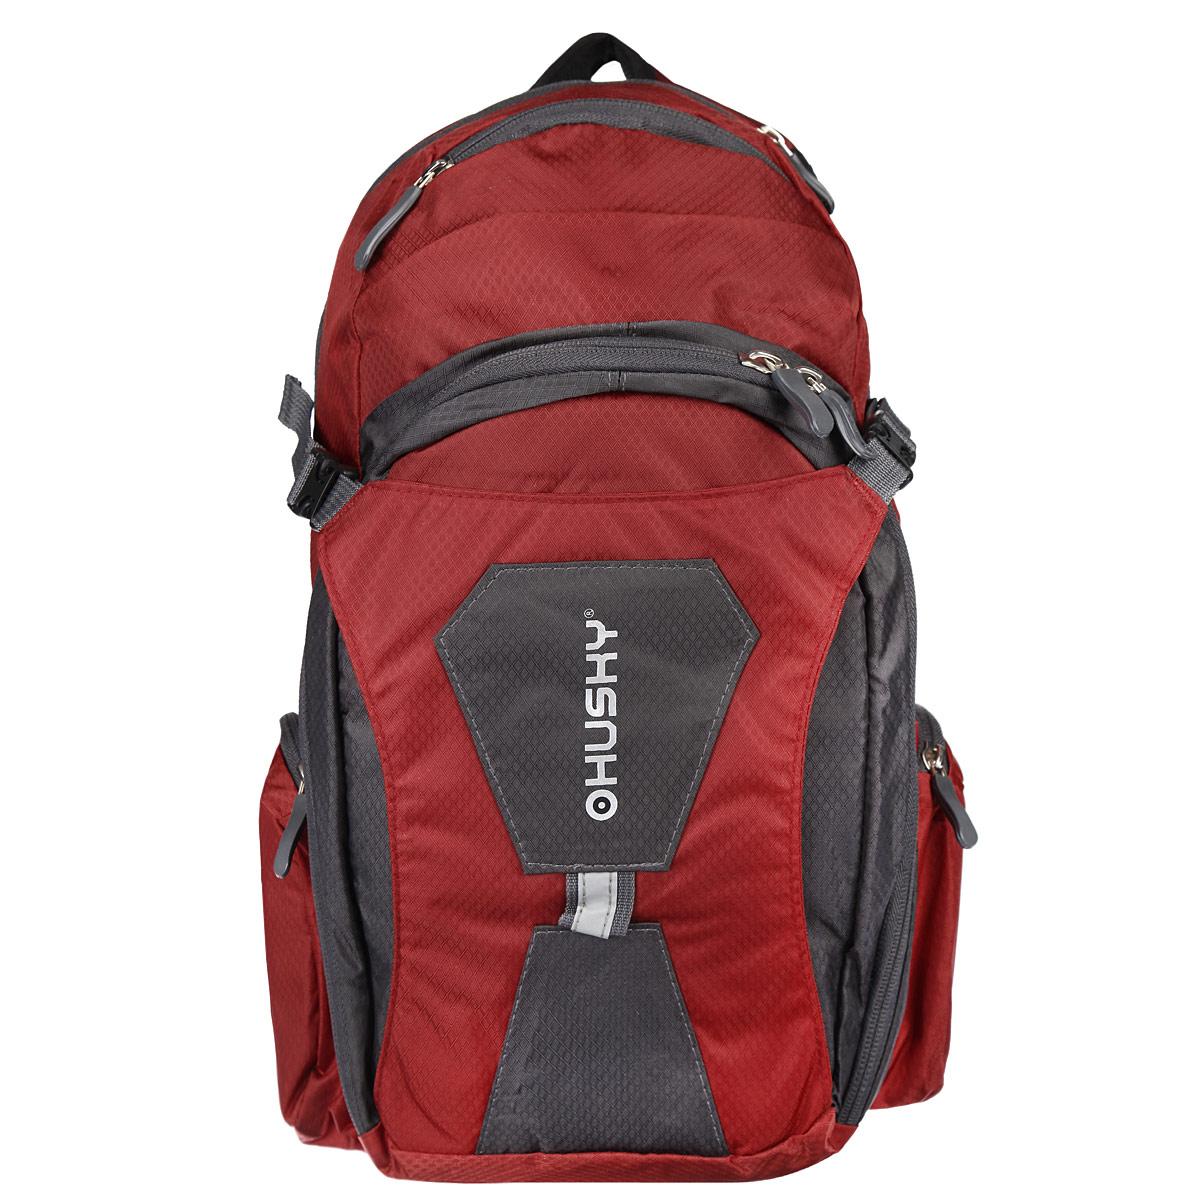 Рюкзак городской Husky Sharp 13L, цвет: красный, серыйУТ-000052372Рюкзак Husky Sharp 13L предназначен для прогулок и велоспорта. Он позволит вам взять с собой все необходимое. Рюкзак выполнен из прочного нейлона. Особенности рюкзака Husky Sharp 13L: водонепроницаемая ткань одно вместительное отделение карман для каски система вентиляция спины внутренний органайзер накидка от дождя боковые карманы светоотражающие элементы.